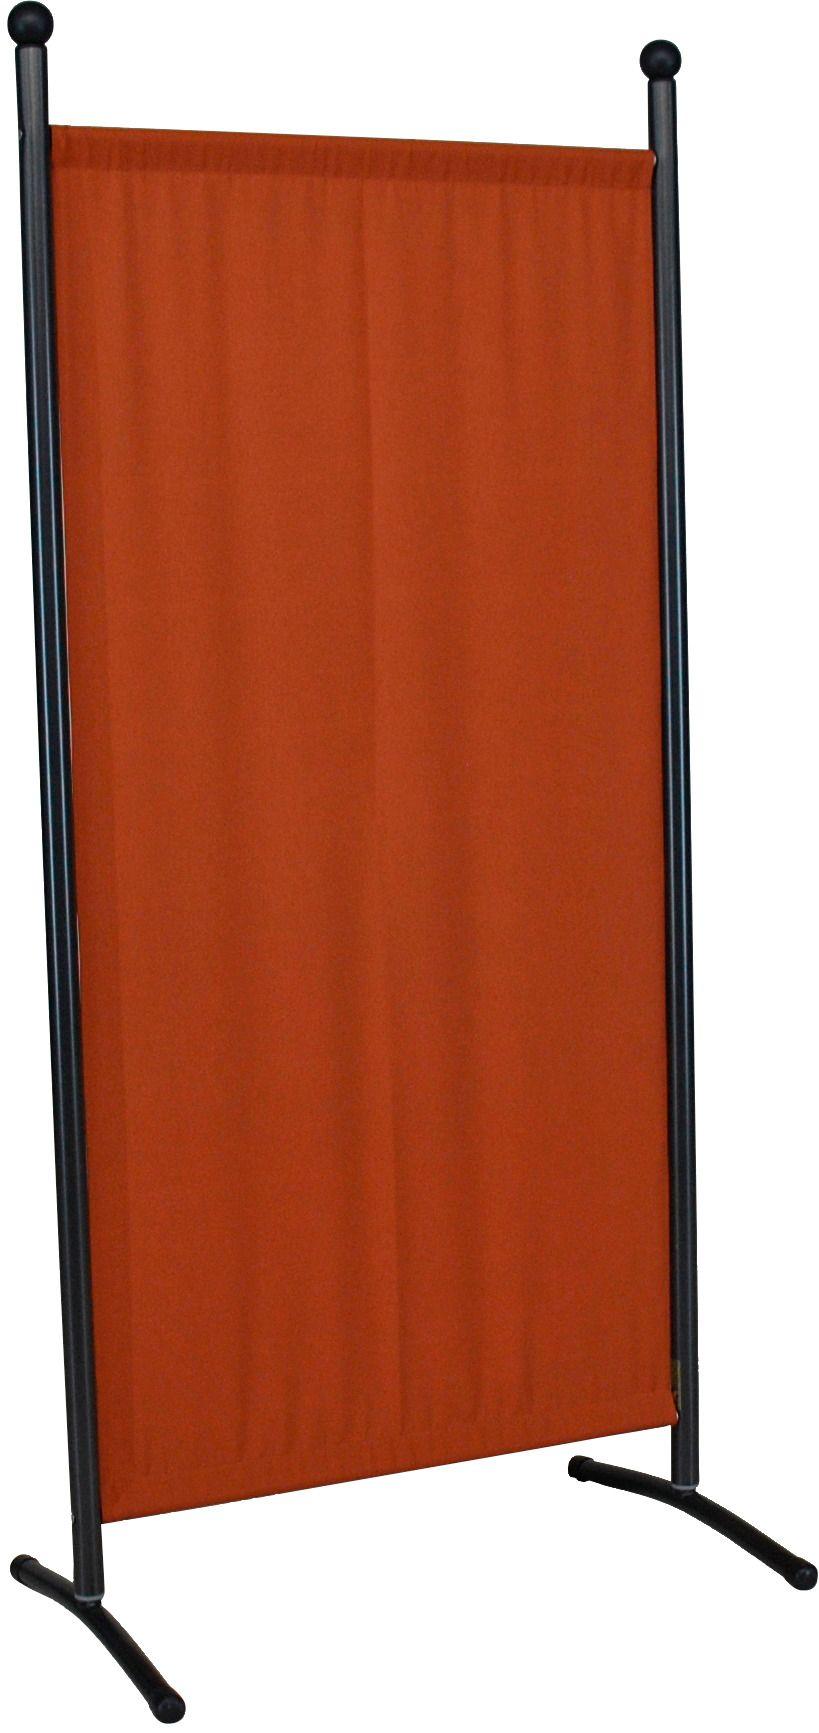 ANGERER FREIZEITMÖBEL  Stellwand »Klein«, (H/B): ca. 178x82 cm